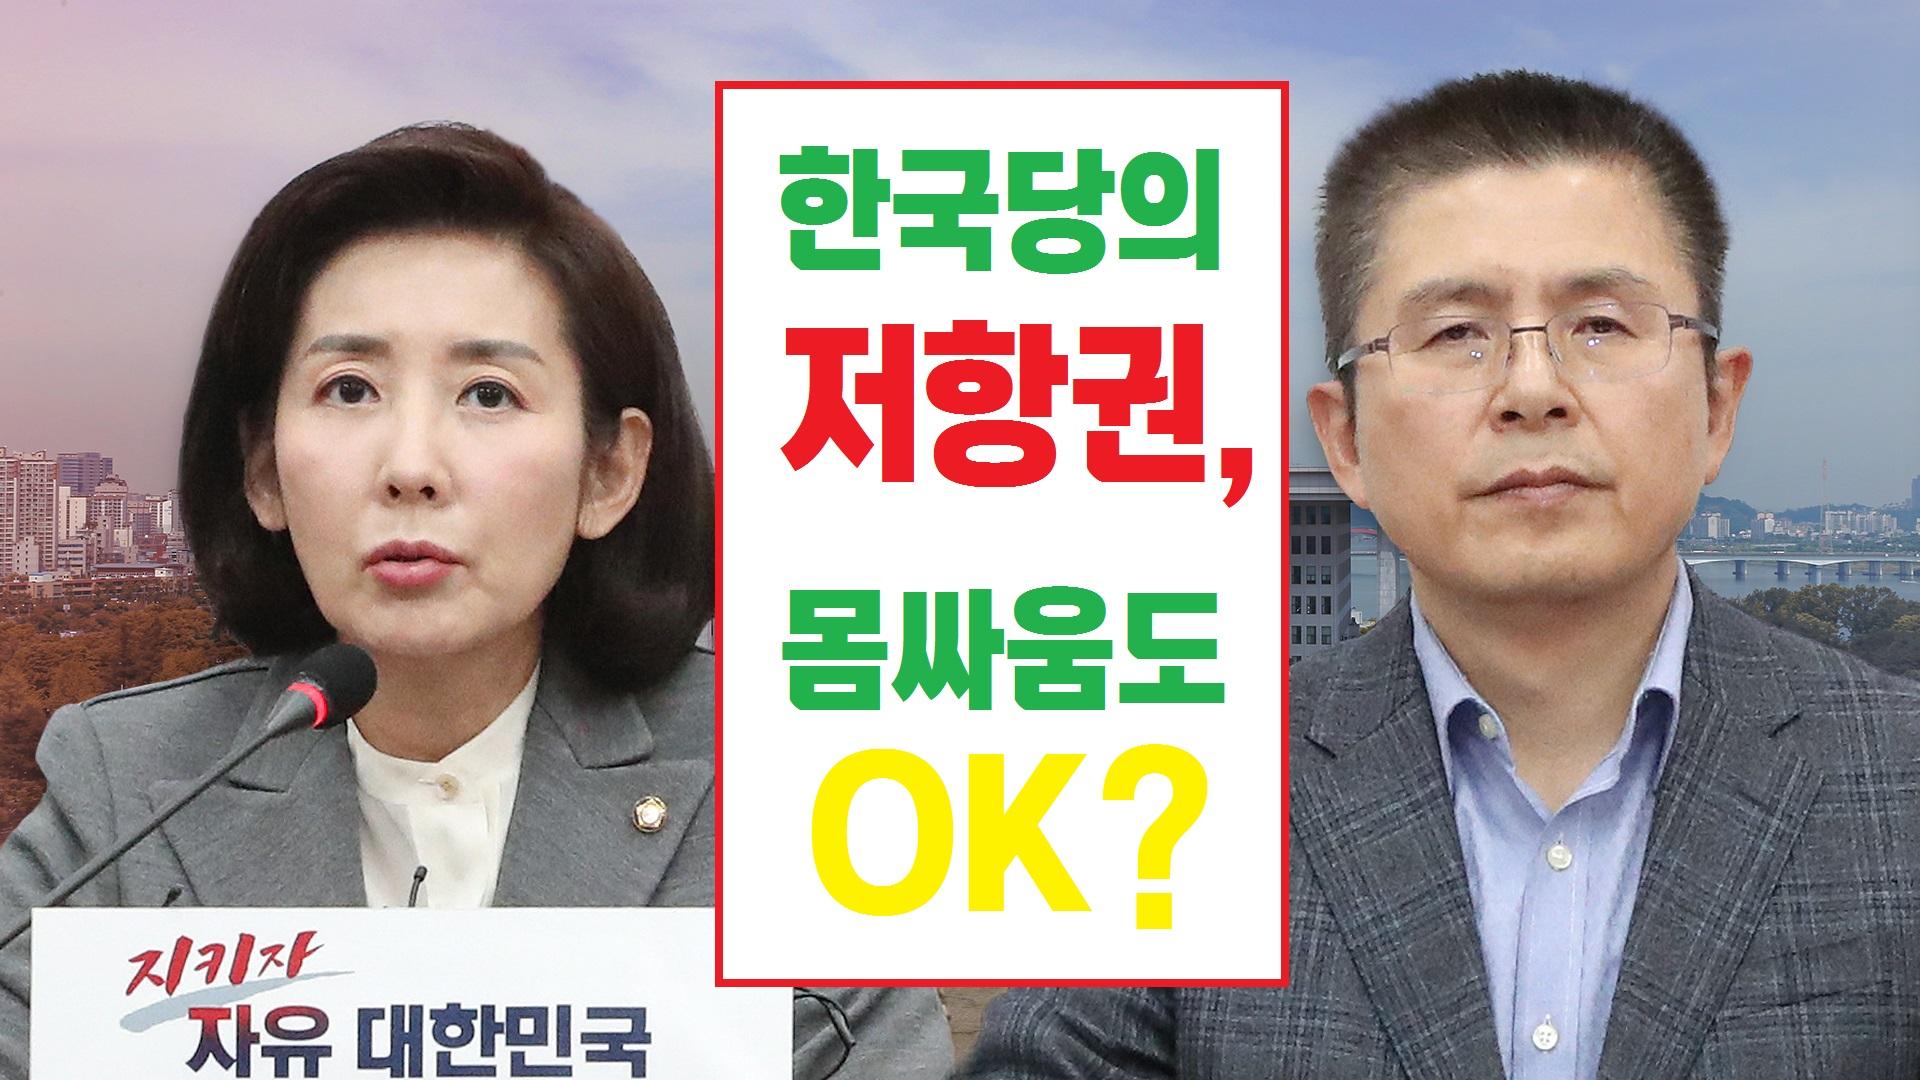 [와이파일]한국당의 '저항권'...감금·몸싸움도 OK?